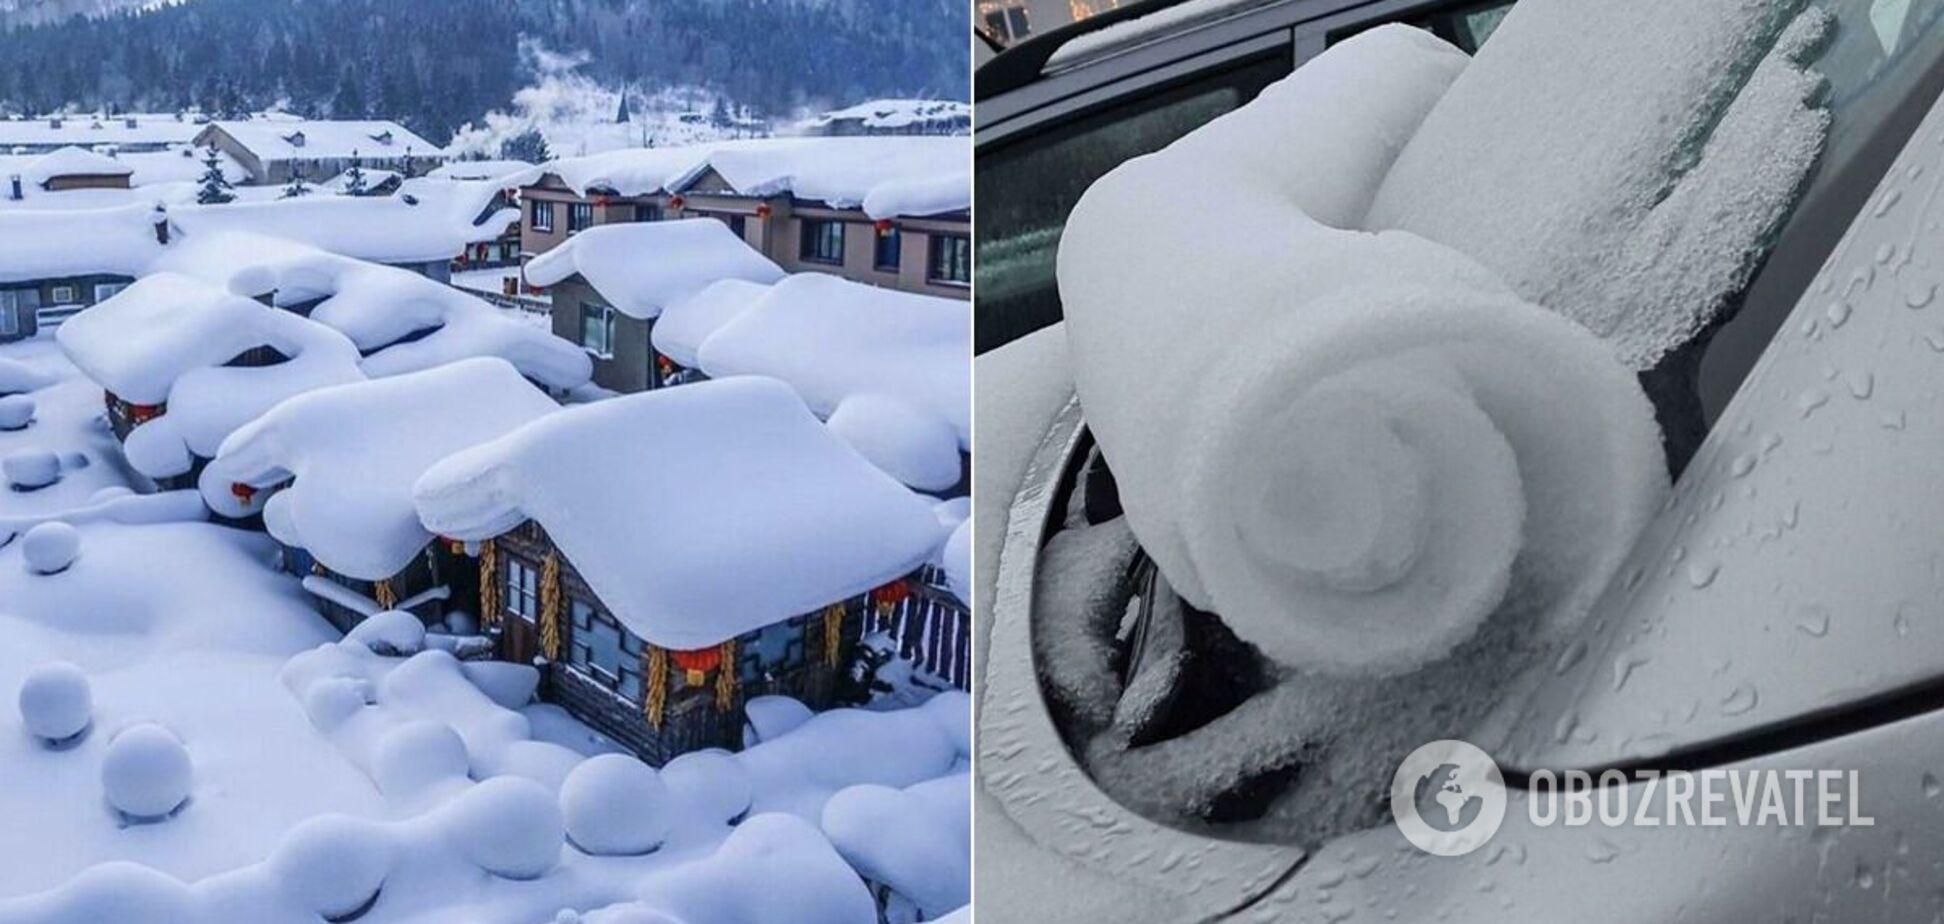 Природа удивляет причудливыми творениями из снега